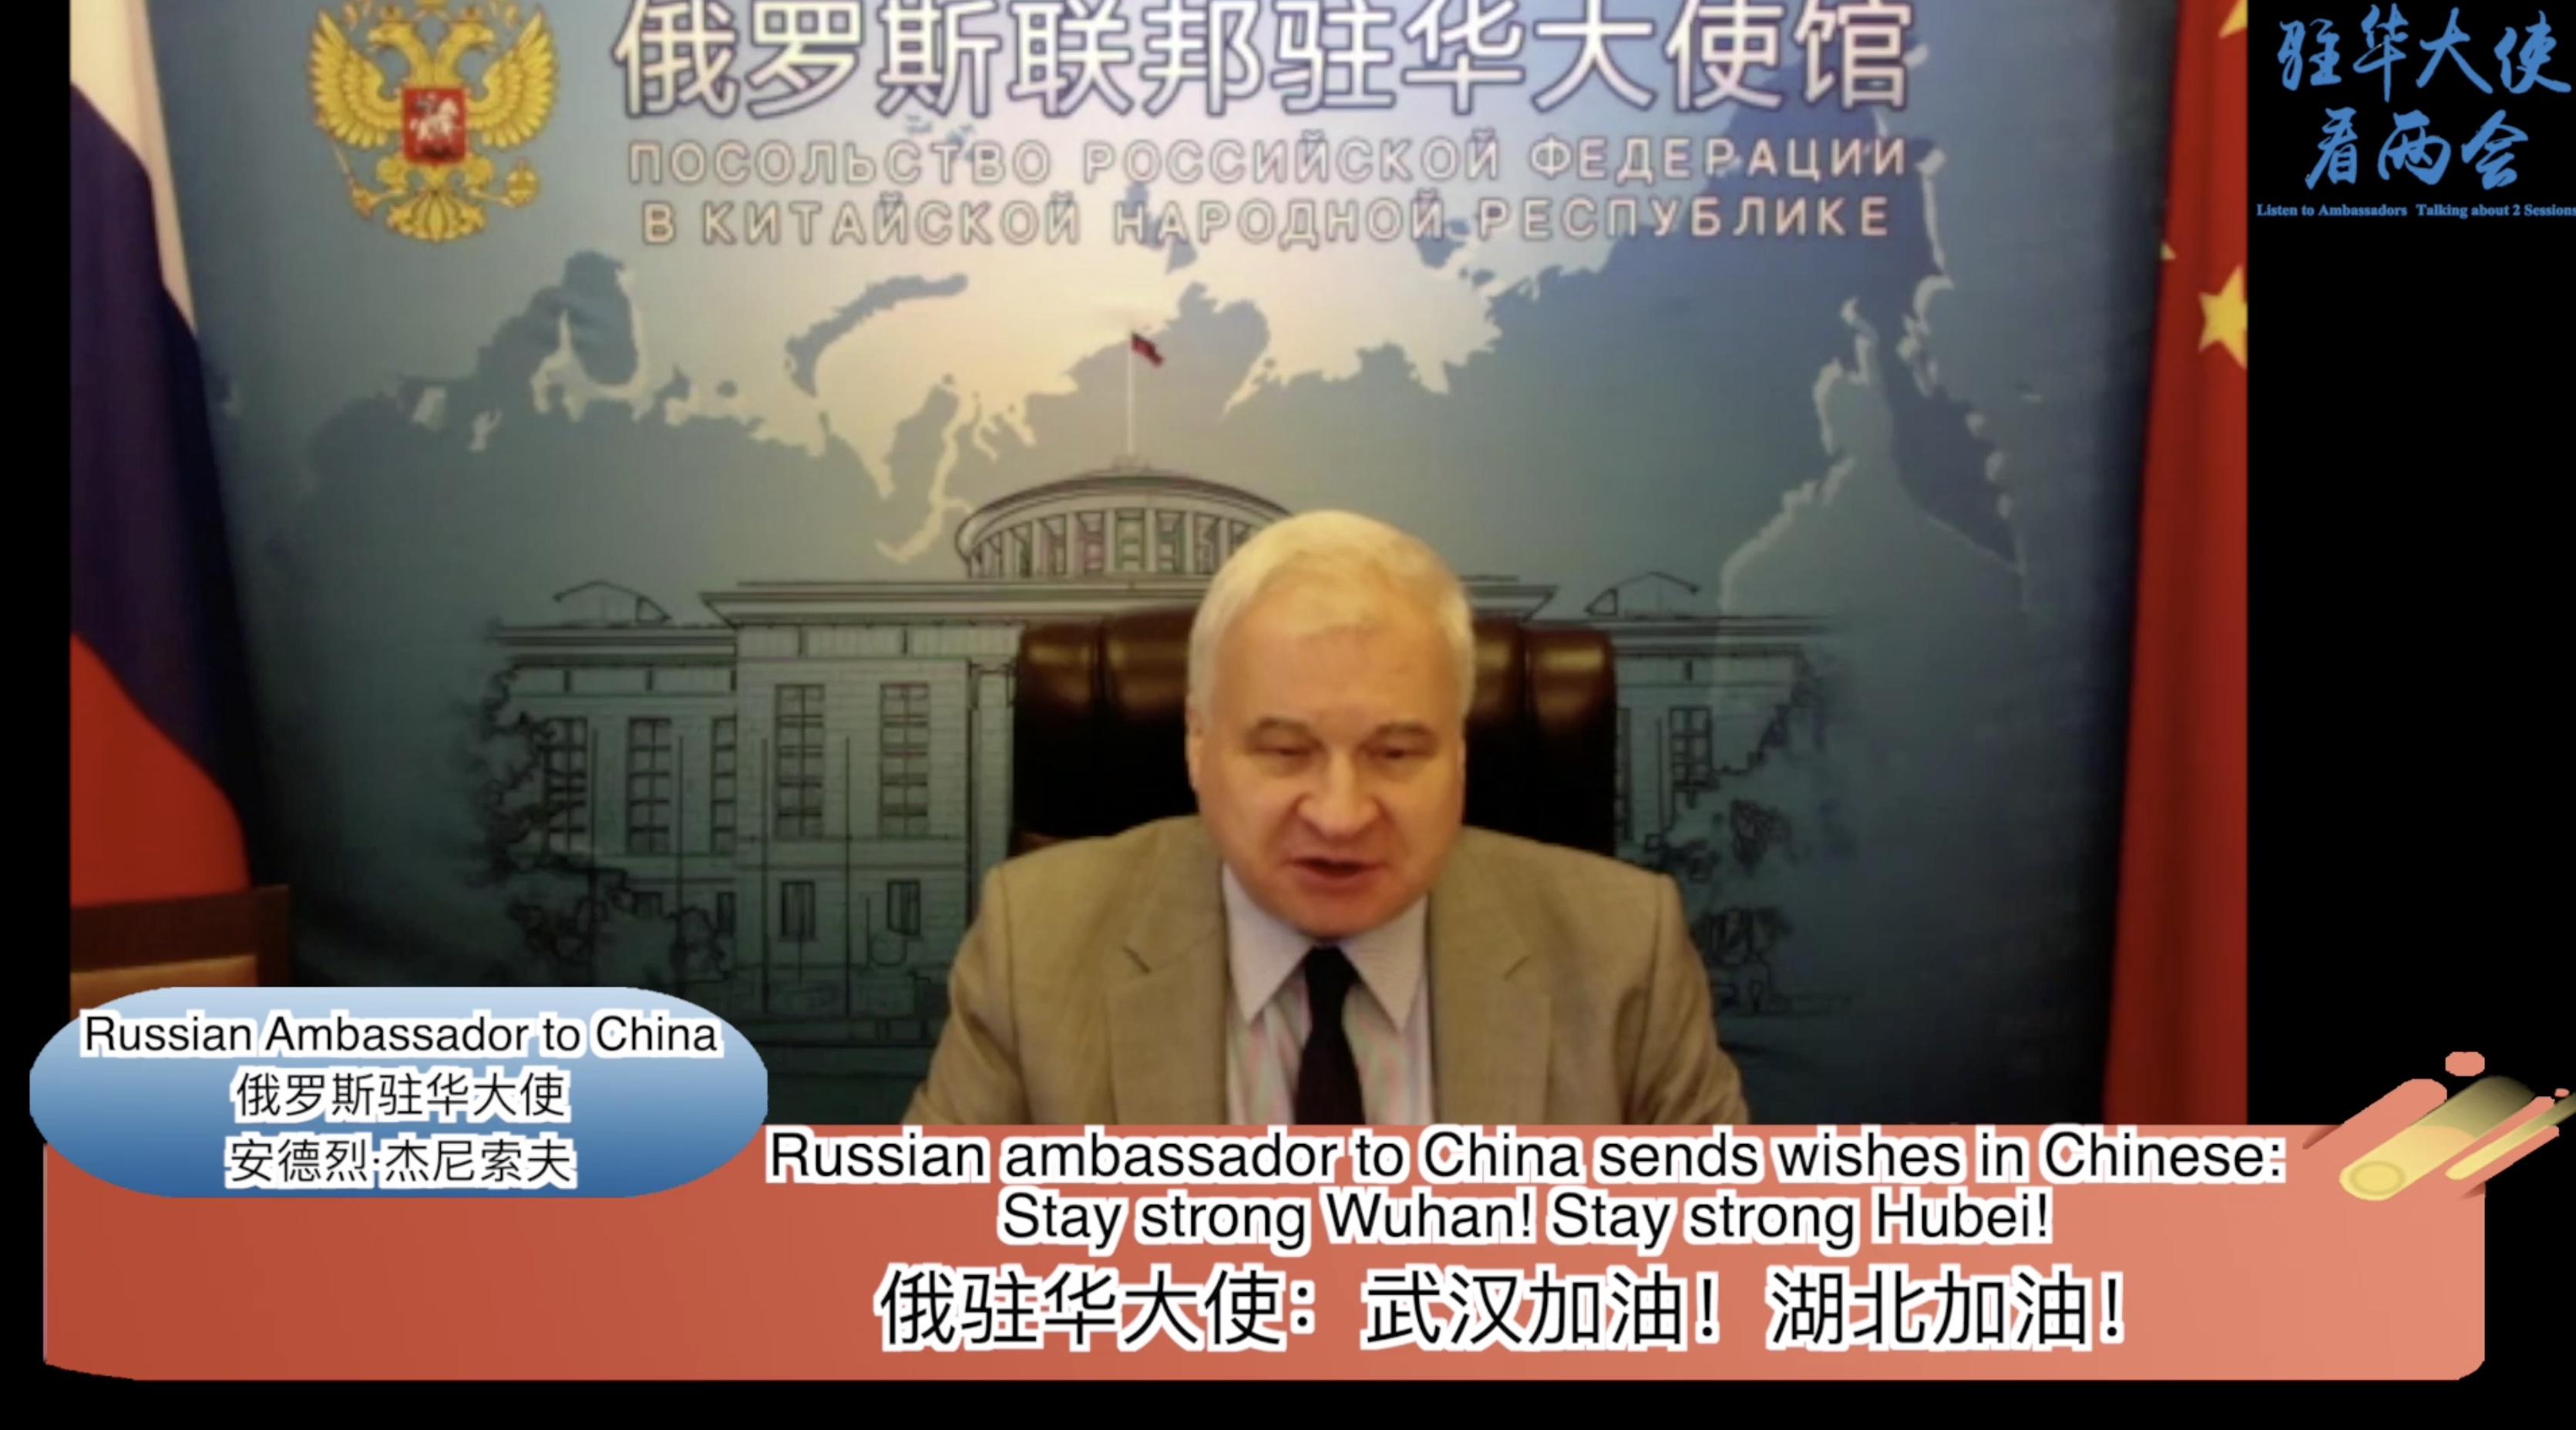 俄罗斯驻华大使中文送祝福:武汉加油!